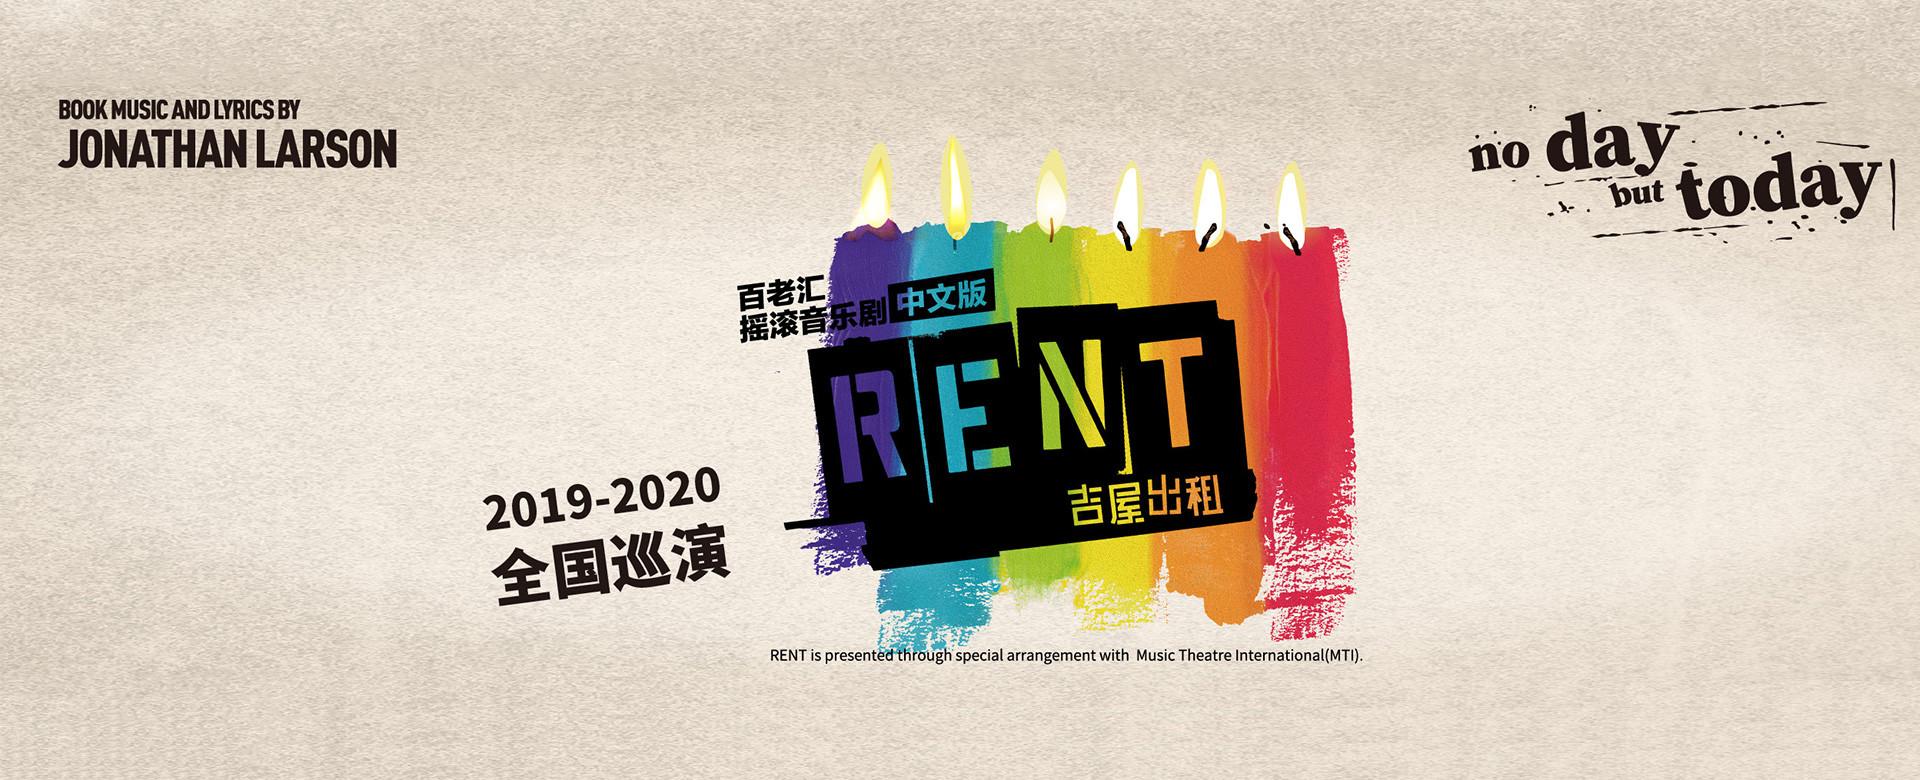 2019-2020吉屋出租RENT中文版